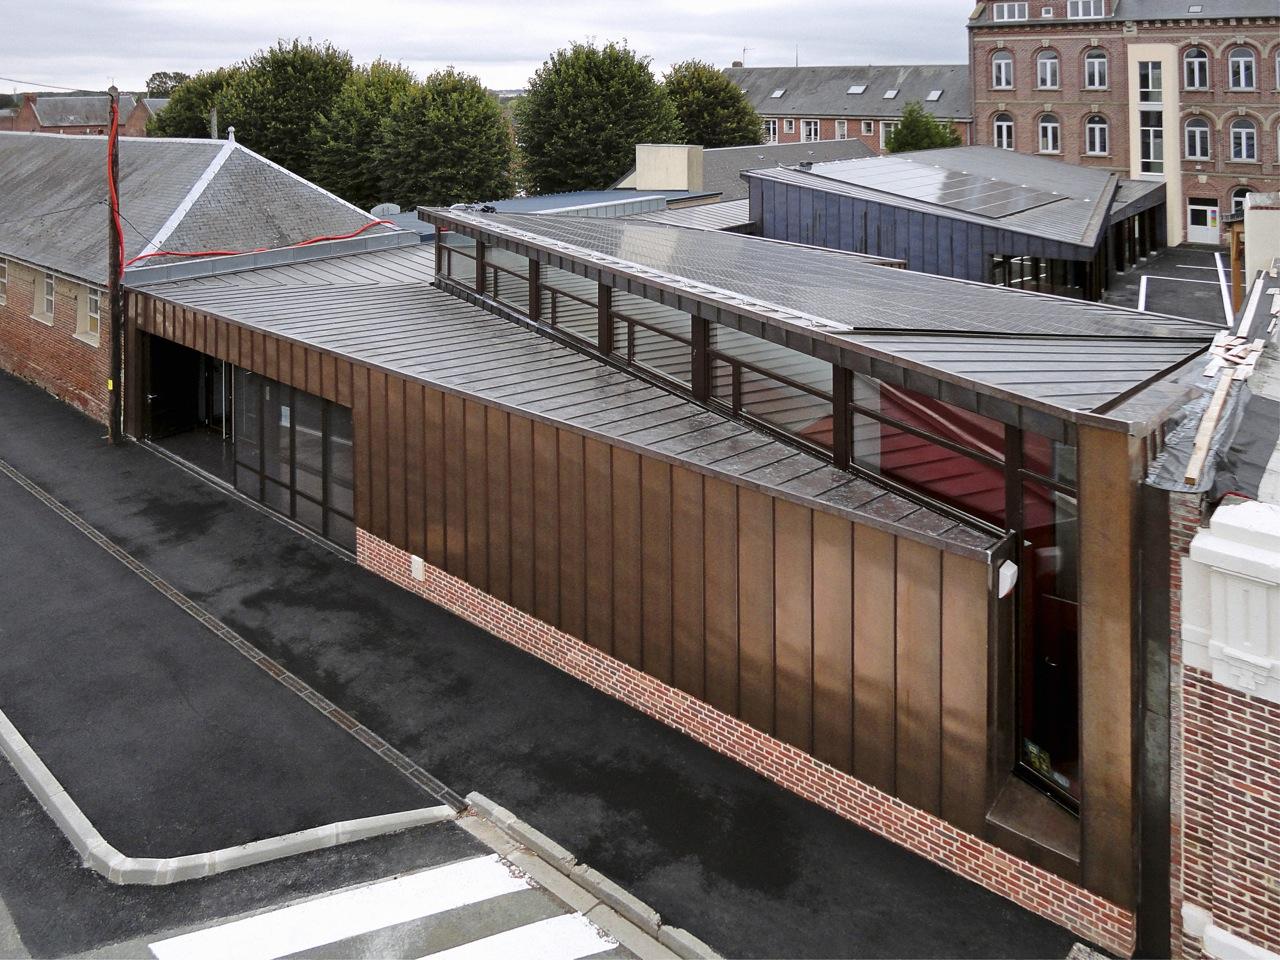 École Á Énergie Positive / Gemaile RECHAK Architecte, © Pierre-Yves Brunaud